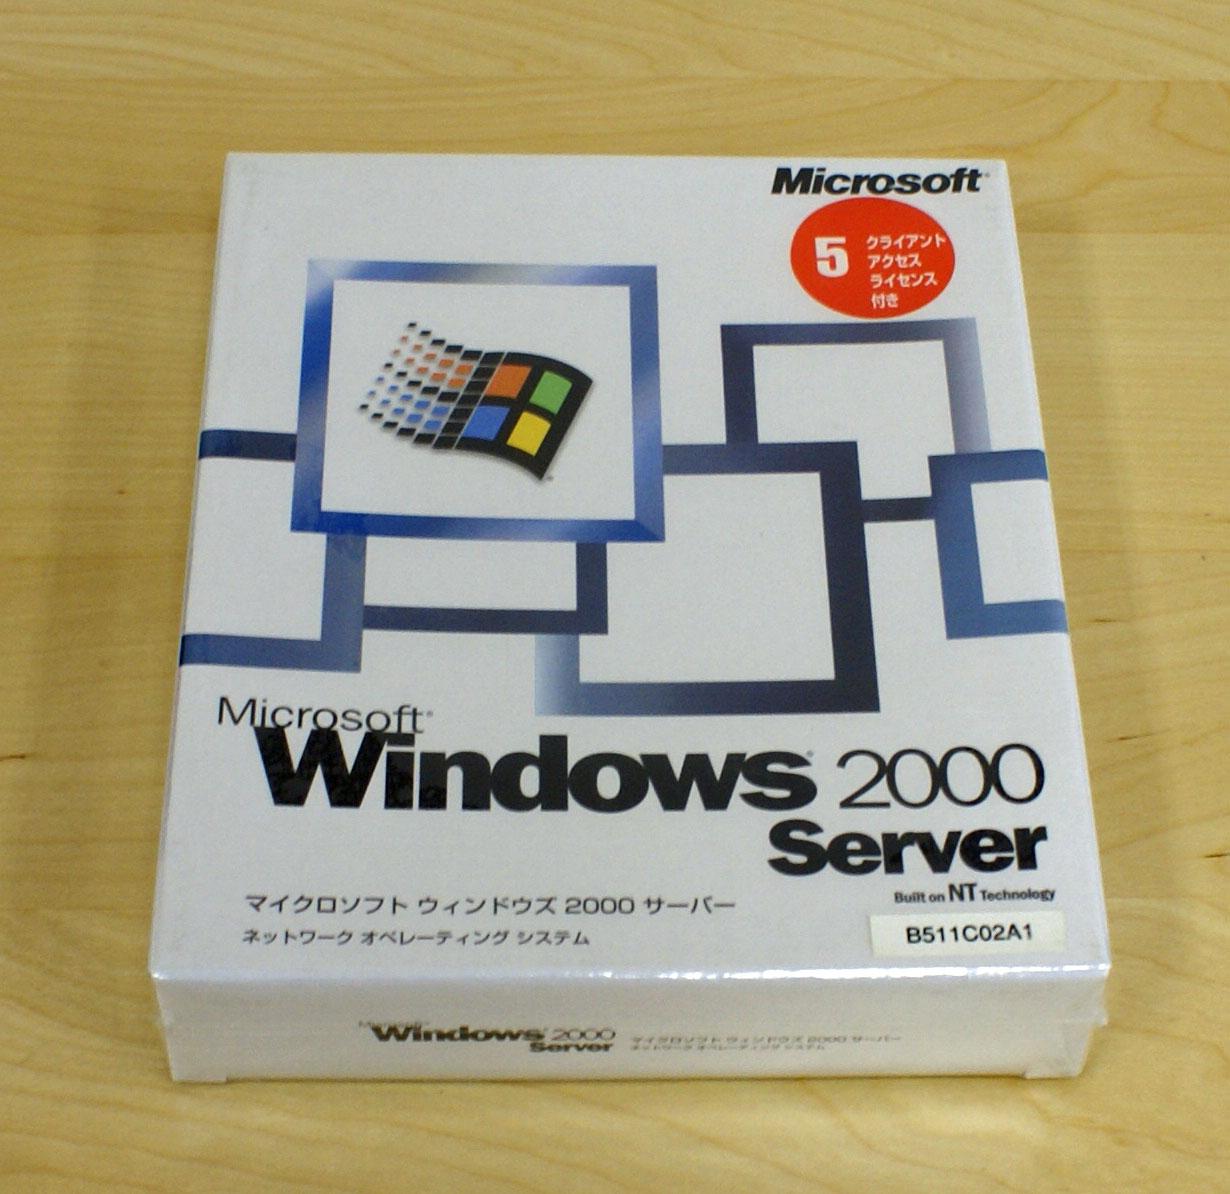 【新品】Microsoft Windows2000 Server 5クライアントアクセスライセンス付き